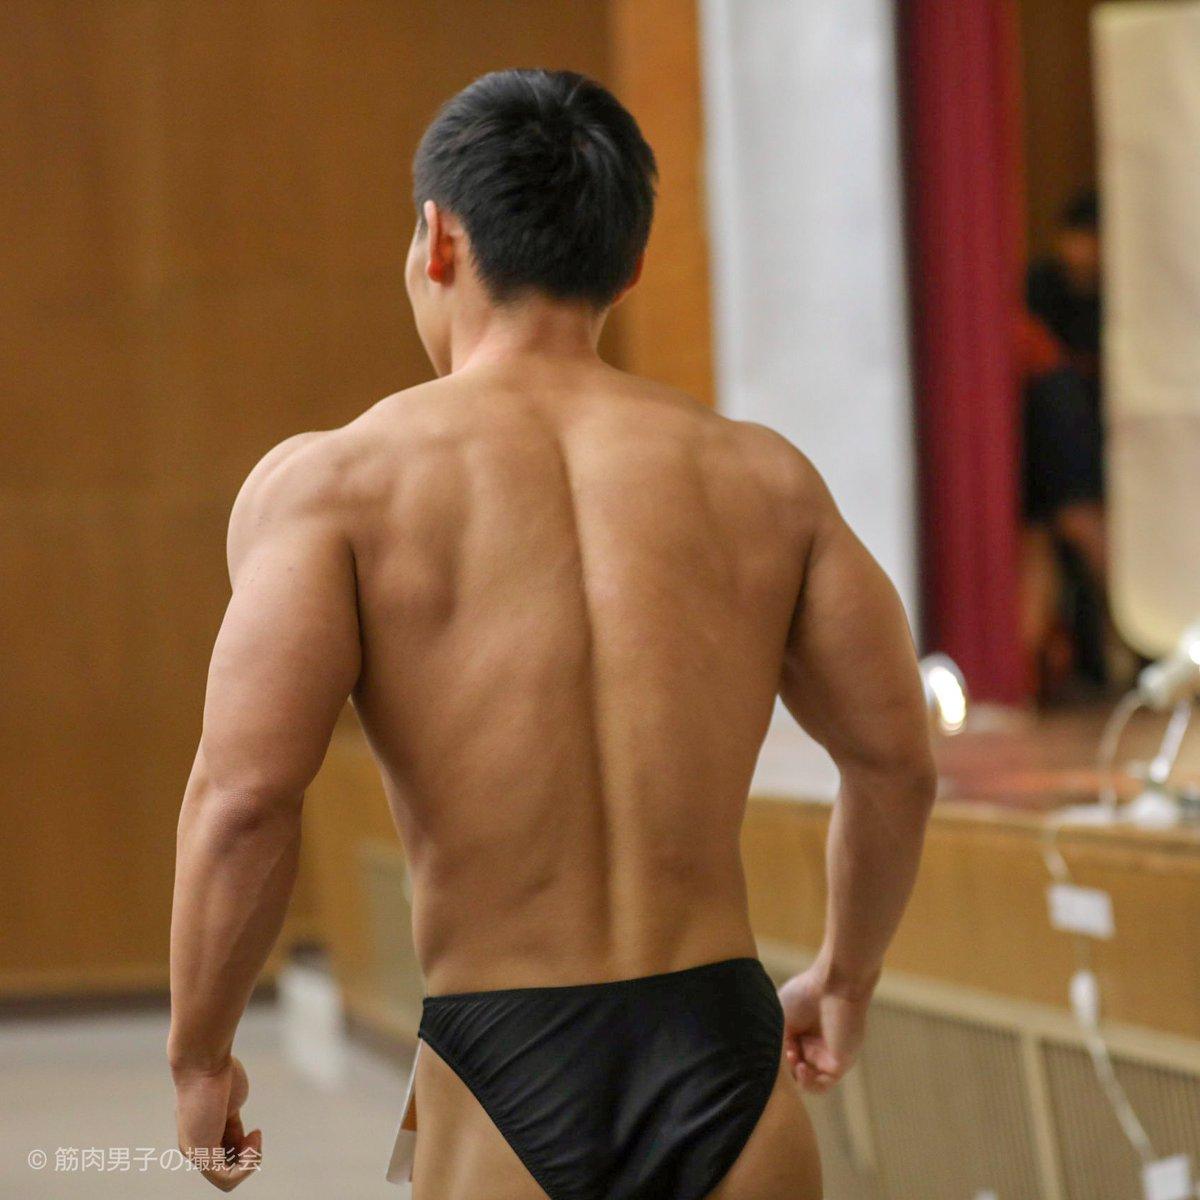 もうひと月もたつんですね。。。 あのたくましい背中がなんだかとても懐かしいです。。。 #ミスター早稲田 #ワセロス